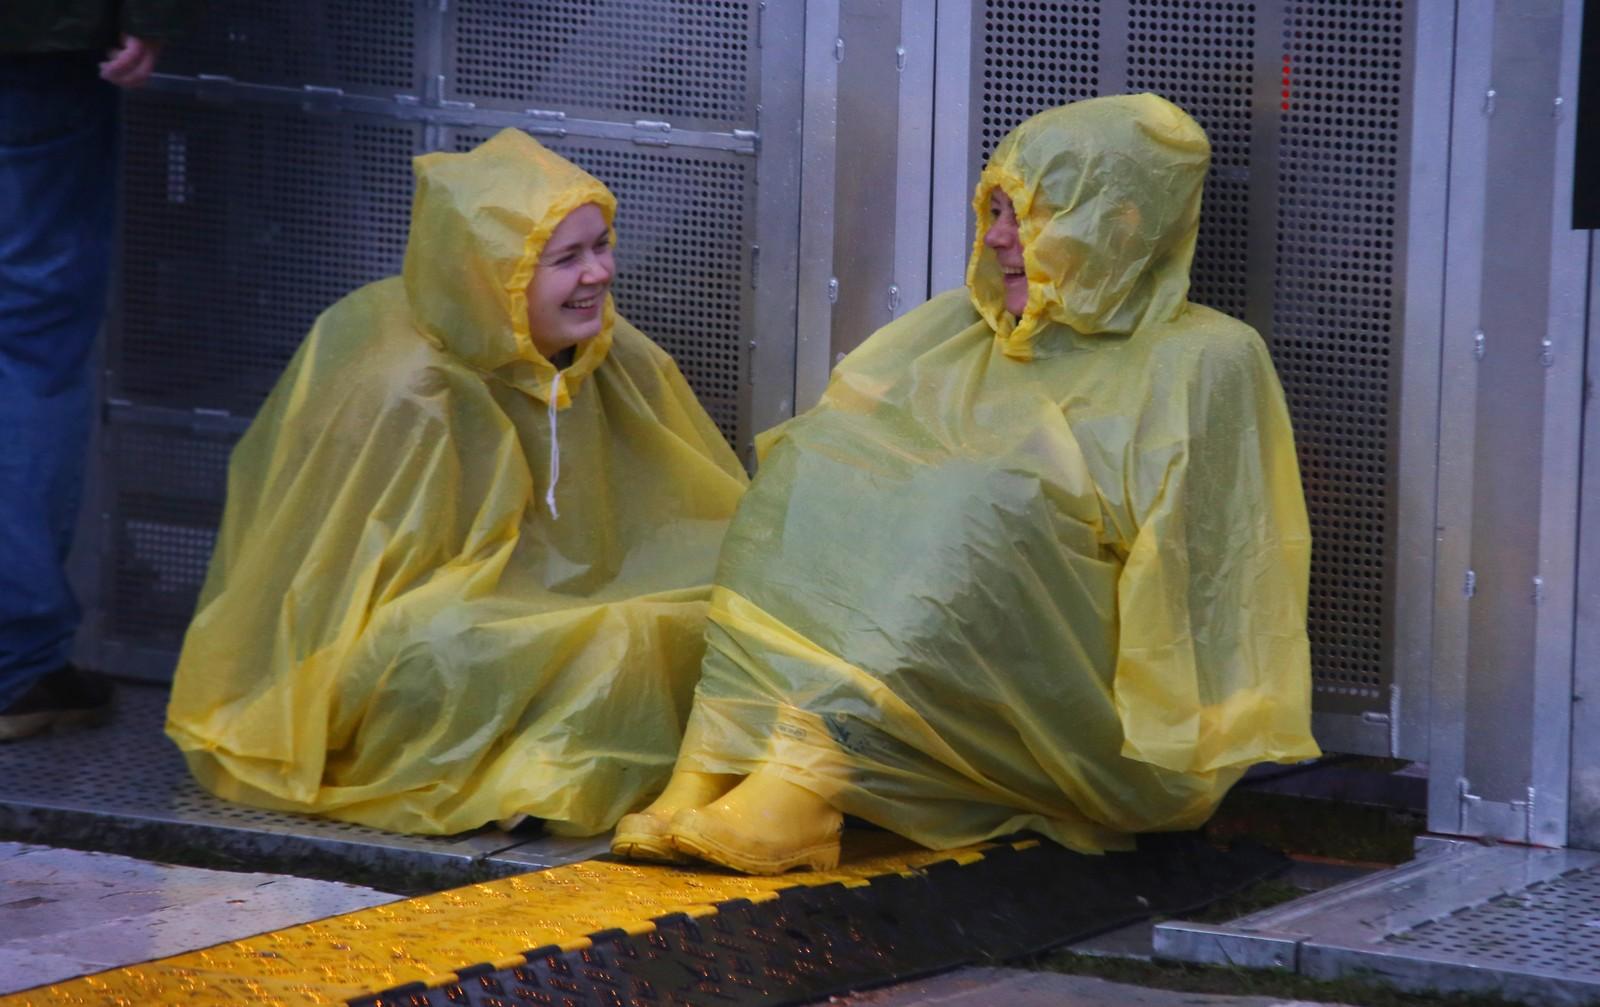 Publikum lot seg ikke stoppe av bøttevis med regn. Her før Pet Shop Boys-konserten lørdag.